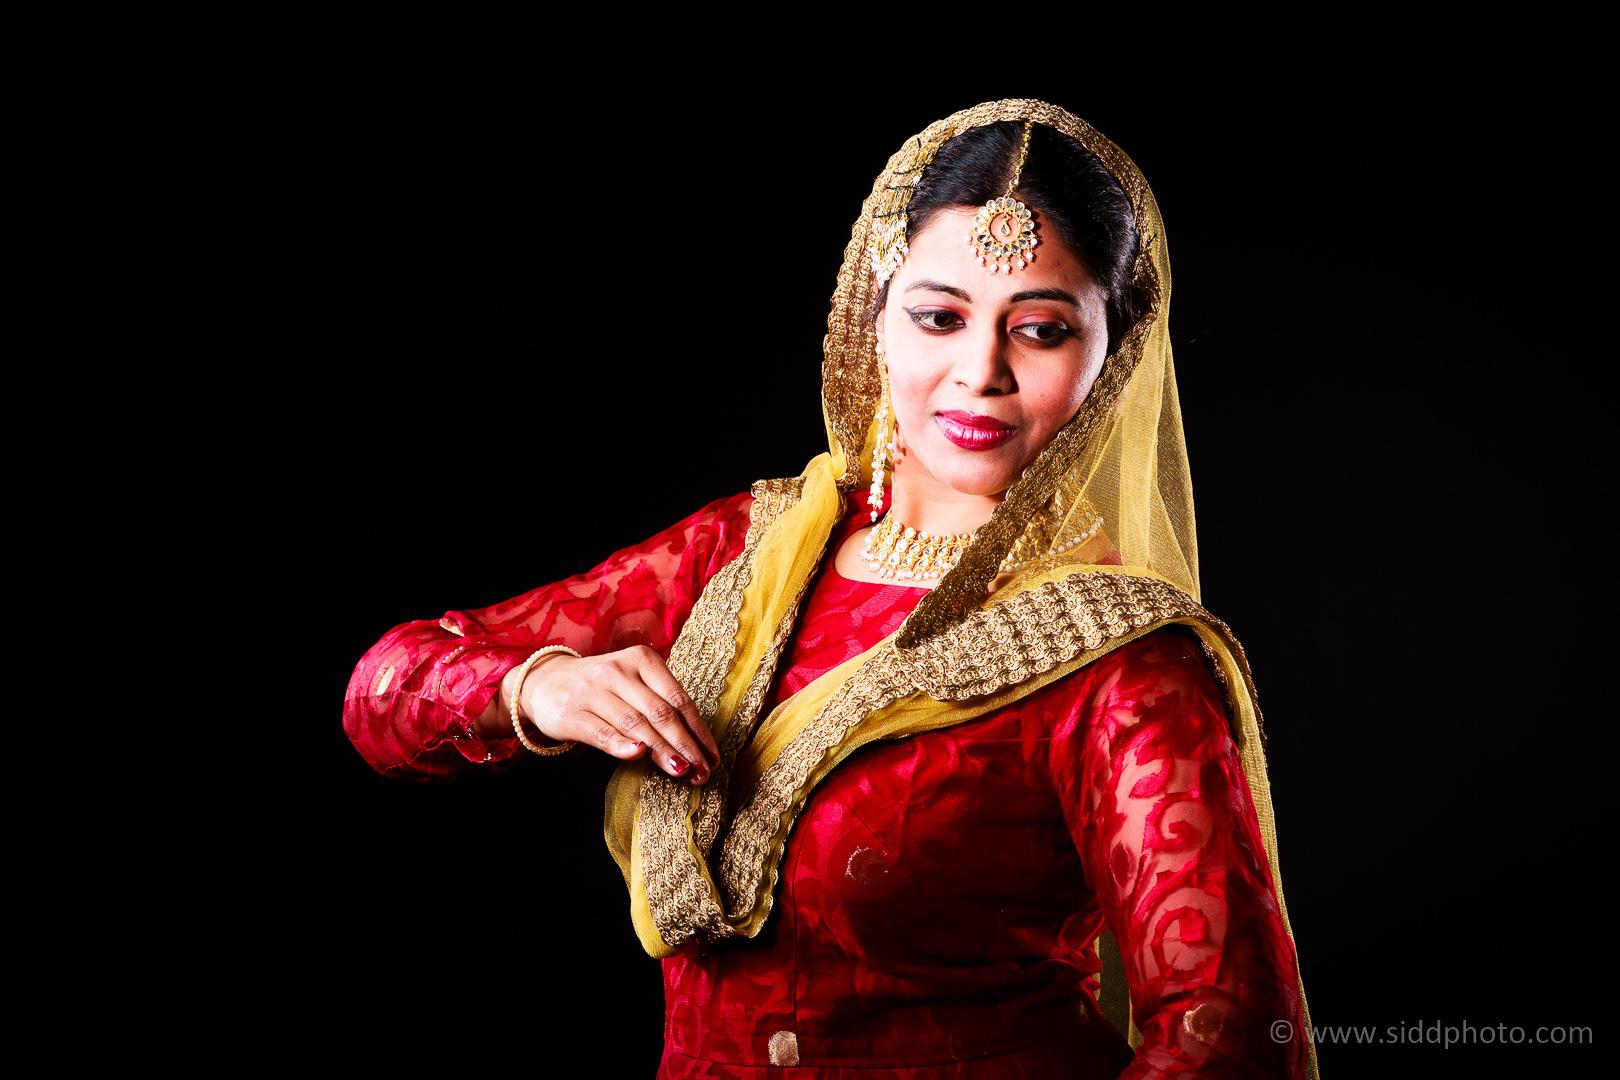 2012-04-21 - Antara Dutta Katthak Photoshoot - EO5C9852-05